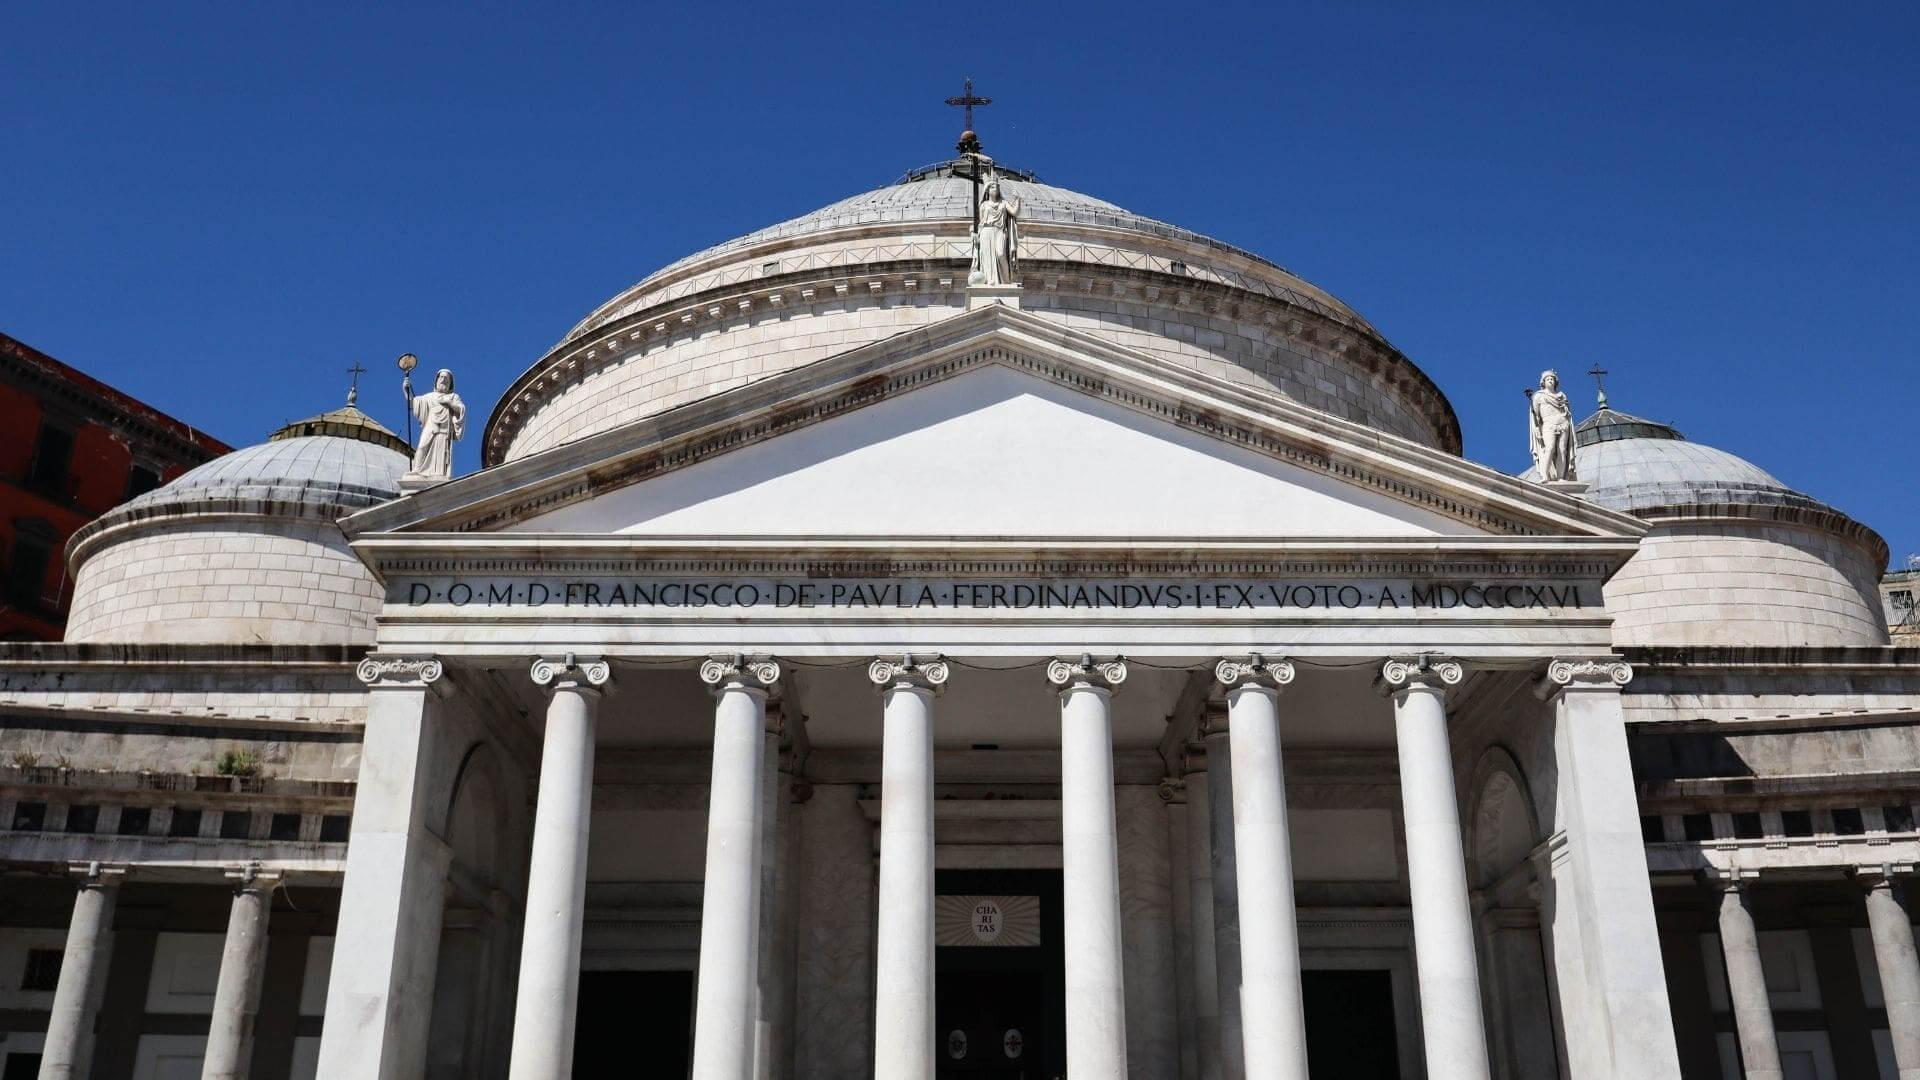 La Basilica di San Francesco di Paola